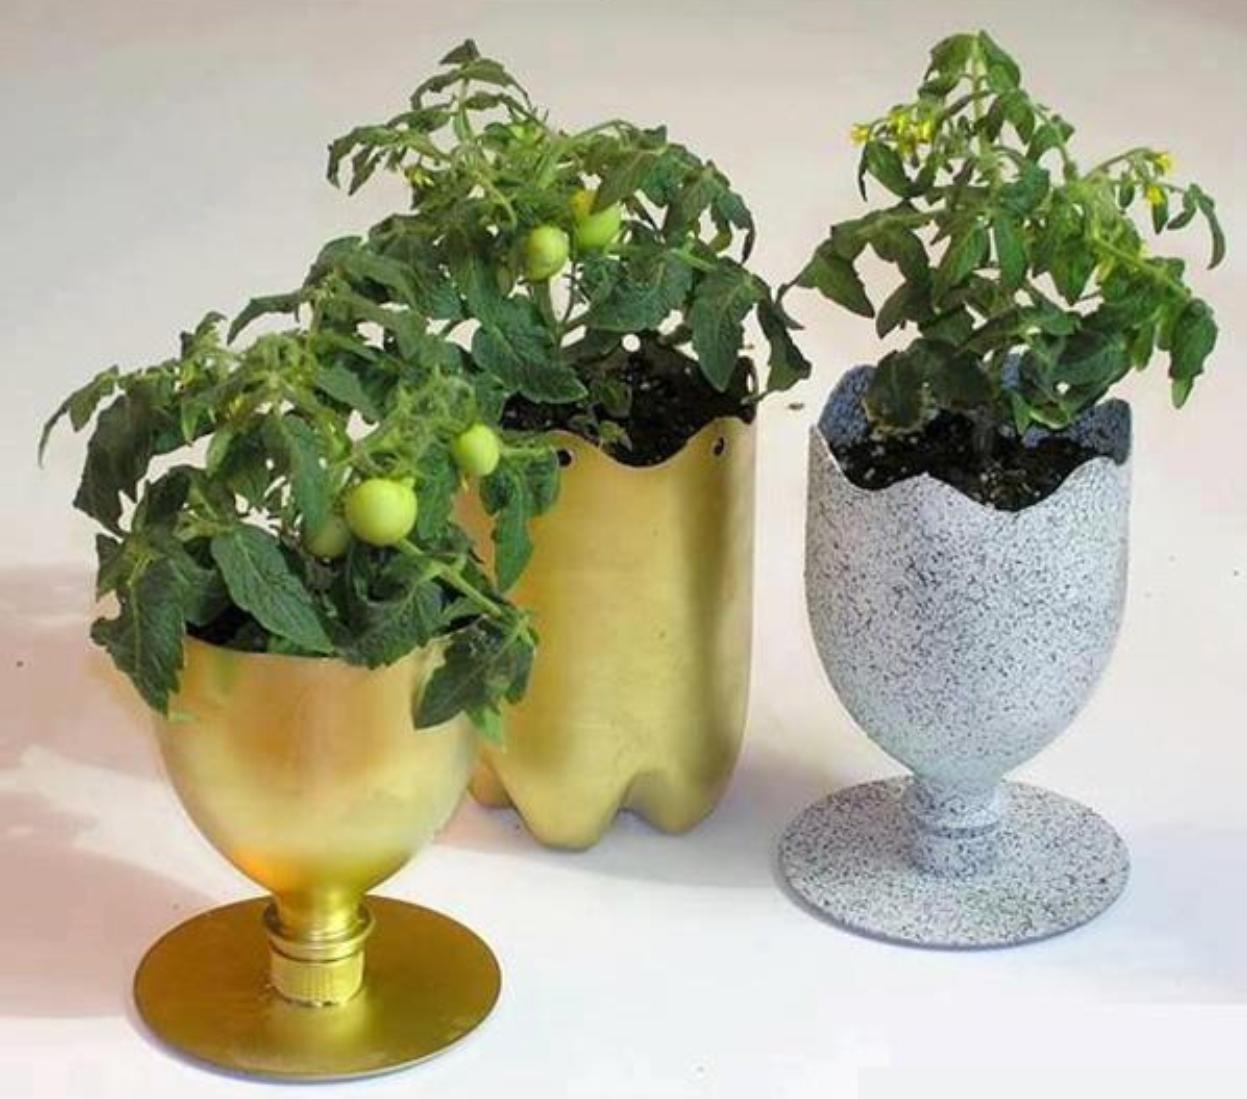 ... membuat kerajinan tangan pot bunga hias unik dari botol plastik bekas